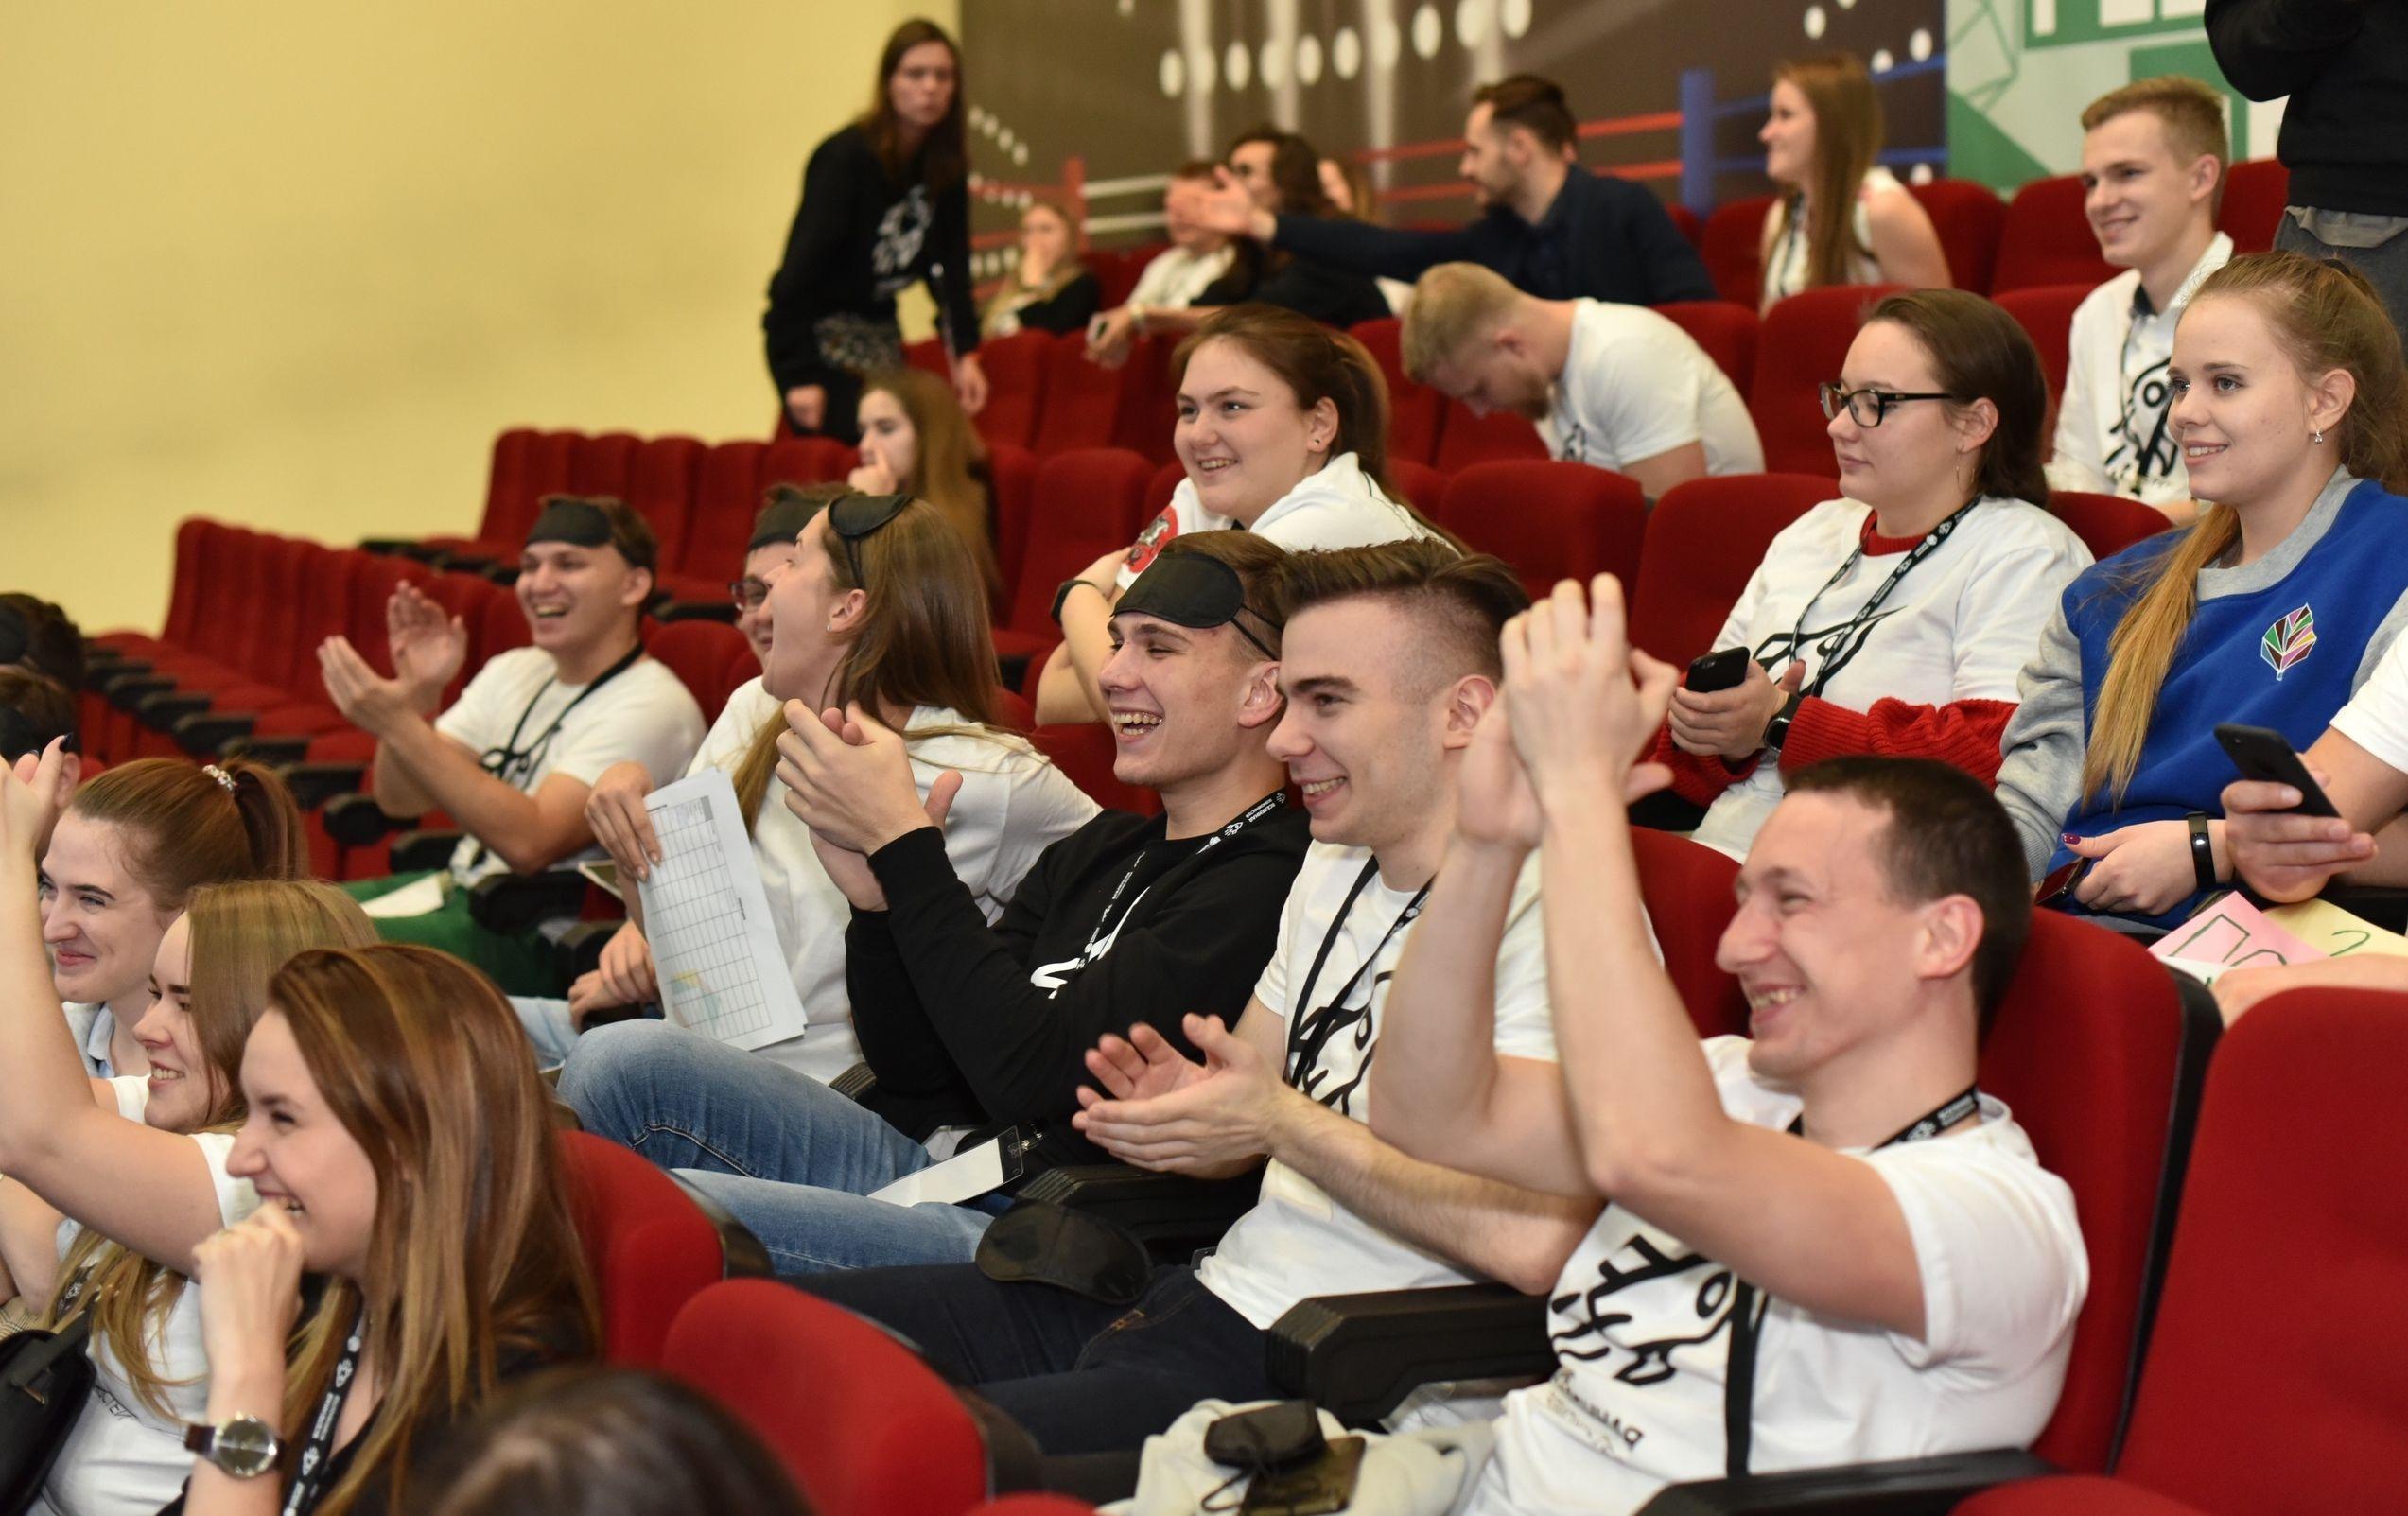 Представители Молодежной палаты Орехова-Борисова Южного побывали во «Вселенной возможностей»